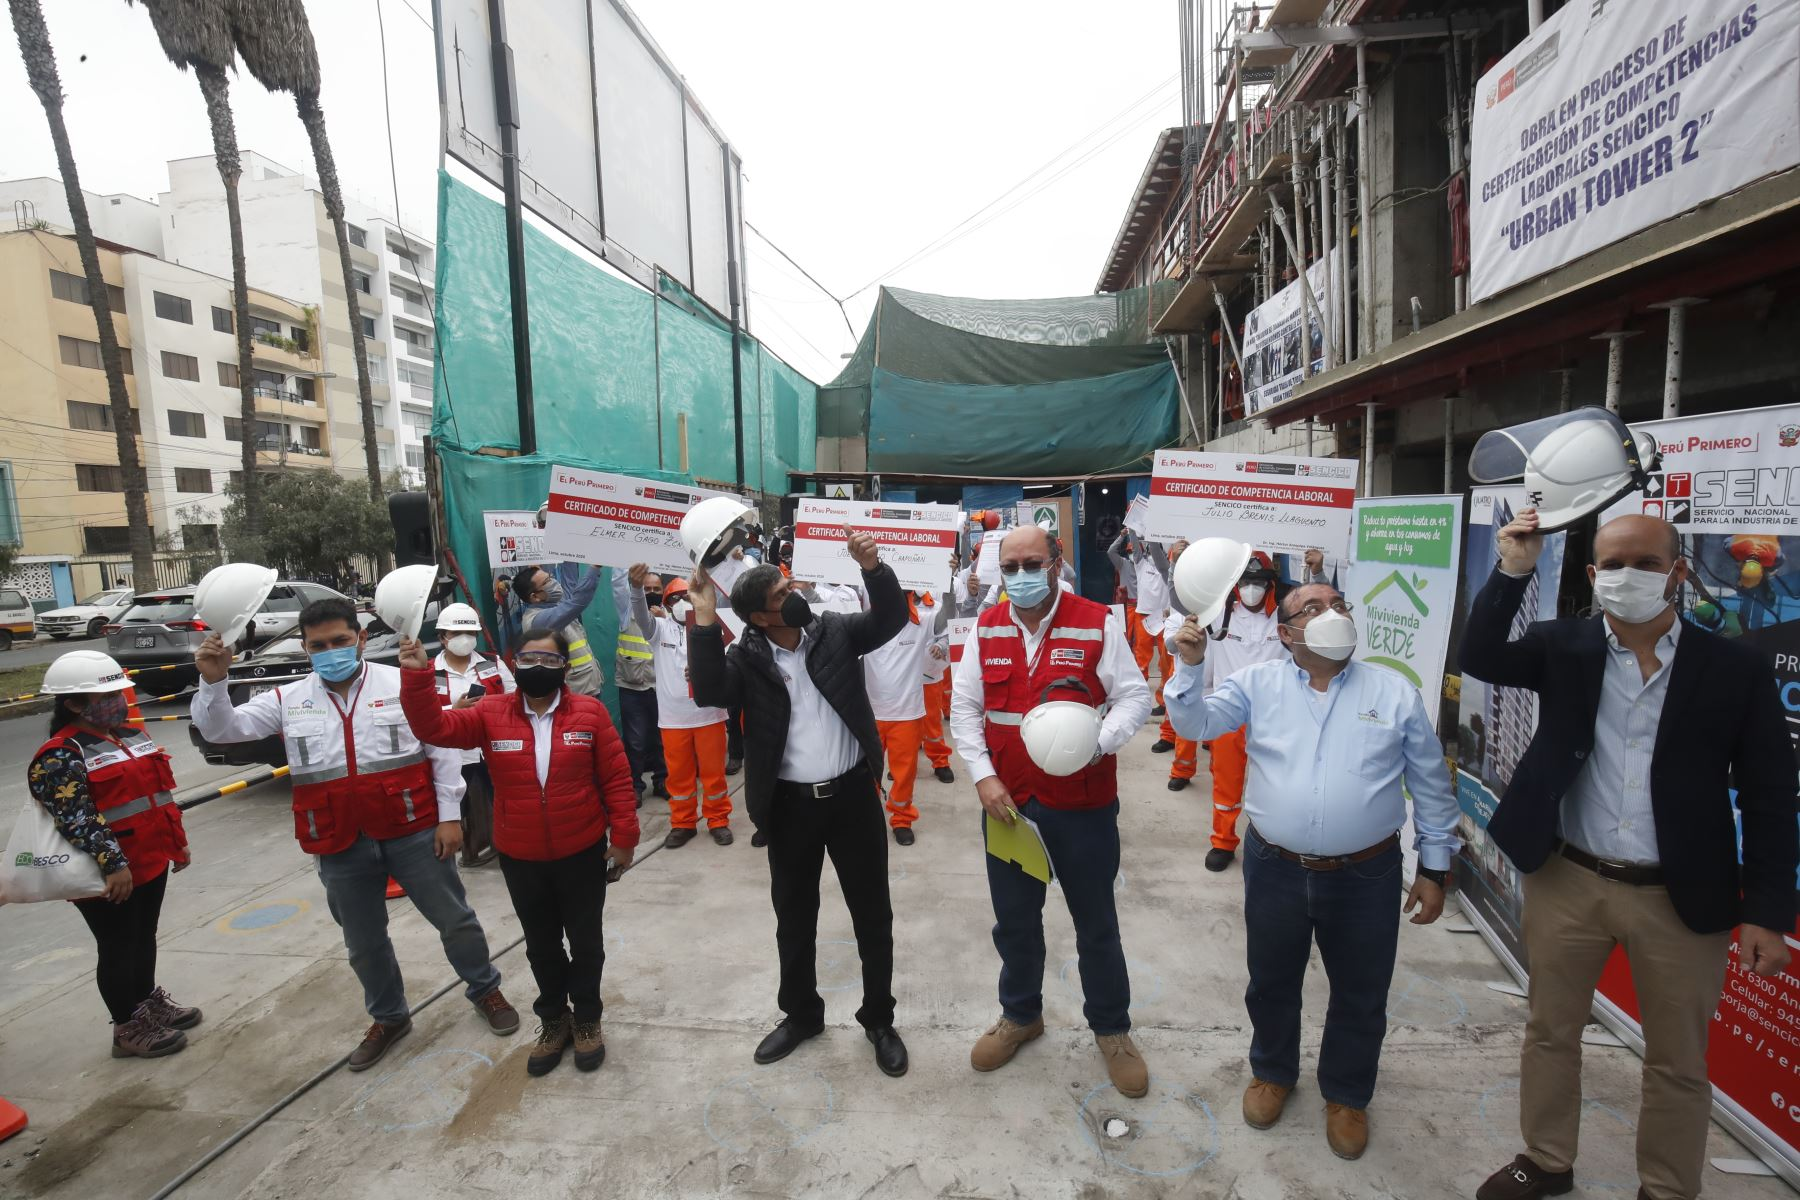 El ministro de Vivienda, Construcción y Saneamiento, Carlos Lozada Contreras, entregará los Certificados de Competencias Laborales que el Servicio Nacional de Capacitación para la Industria de la Construcción (Sencico) proporciona a trabajadores de construcción civil. Foto: ANDINA/Juan Carlos Guzmán